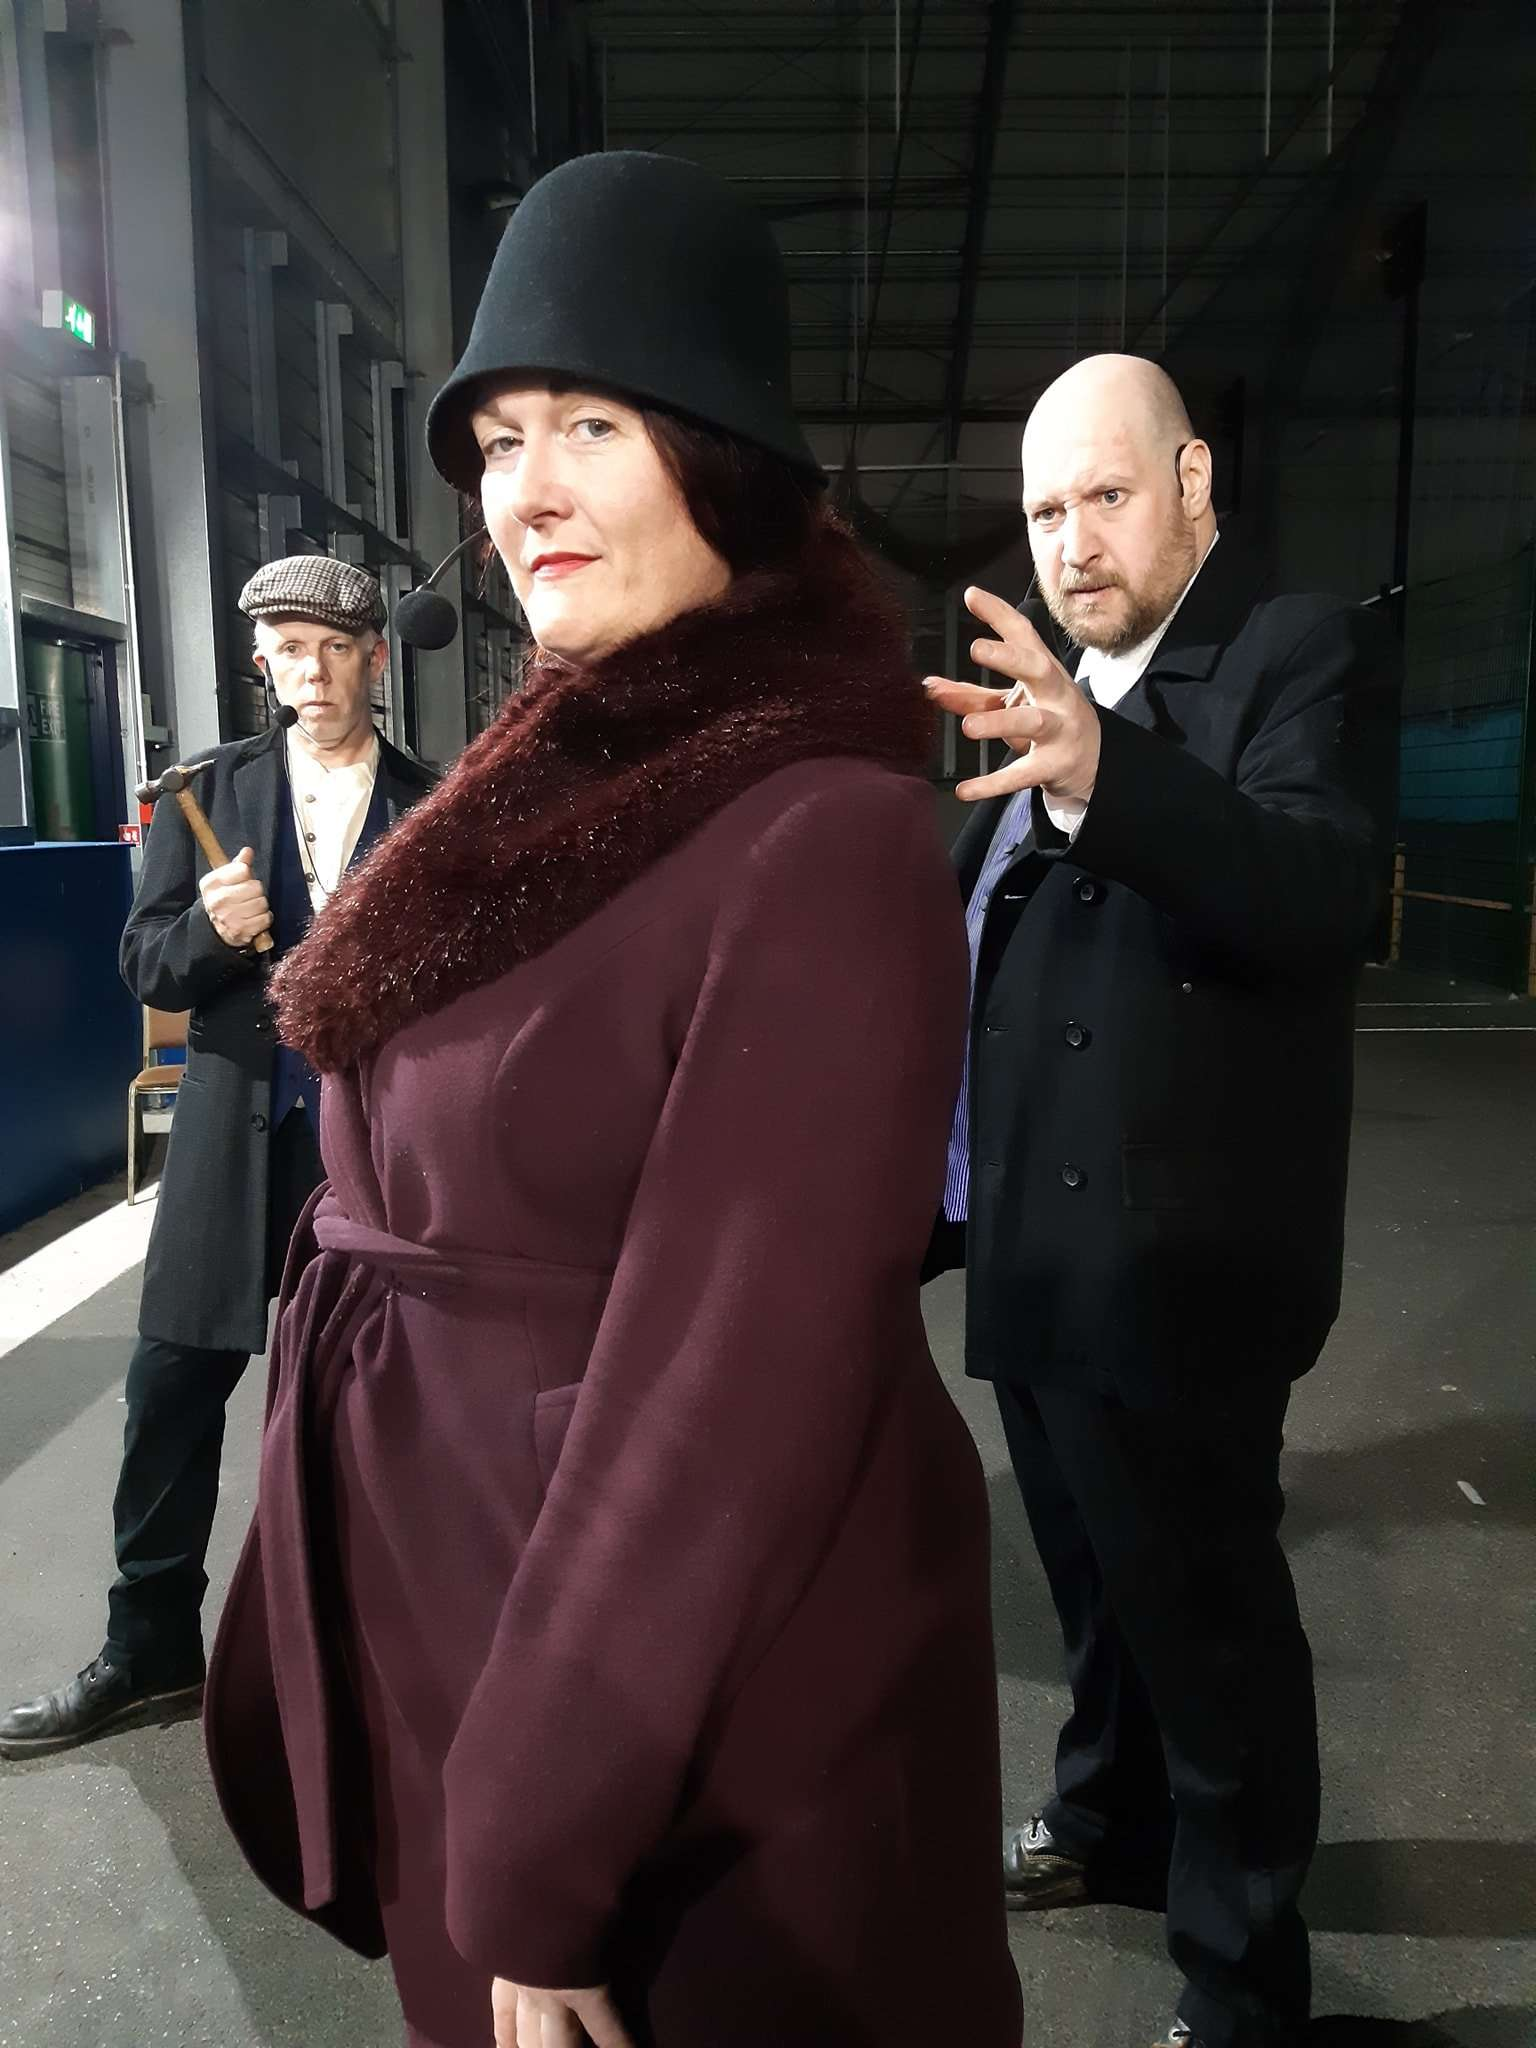 Peaky Blinders-style murder mystery